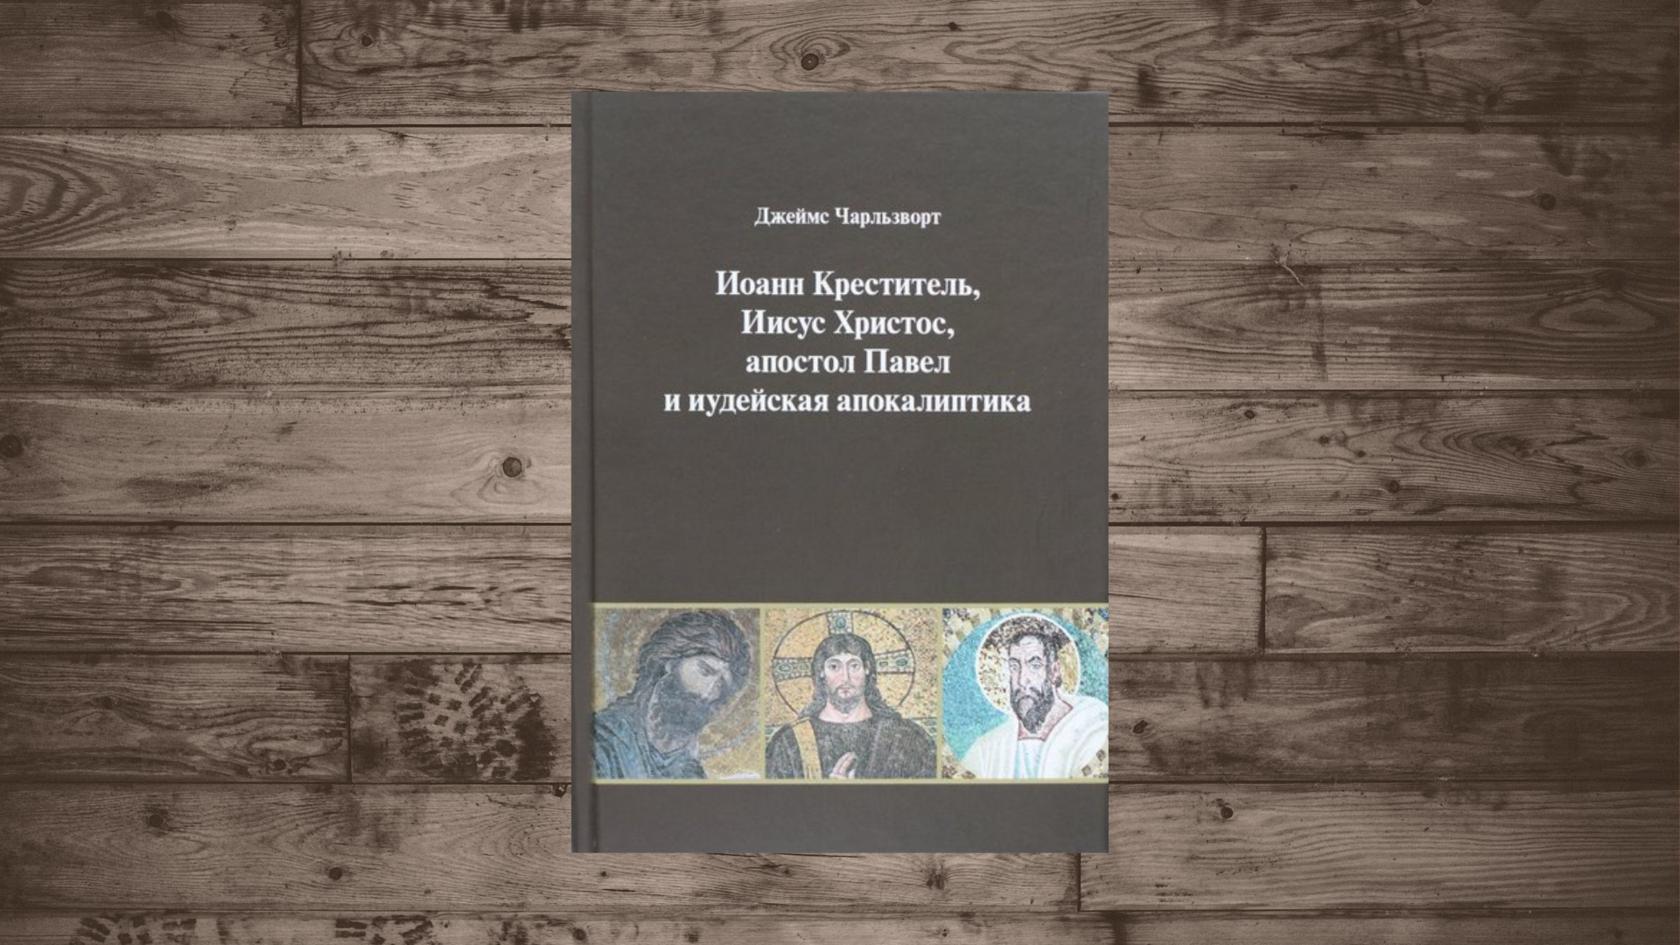 Купить книгу Джеймс Чарльзворт «Иоанн Креститель, Иисус Христос, апостол Павел и иудейская апокалиптика»